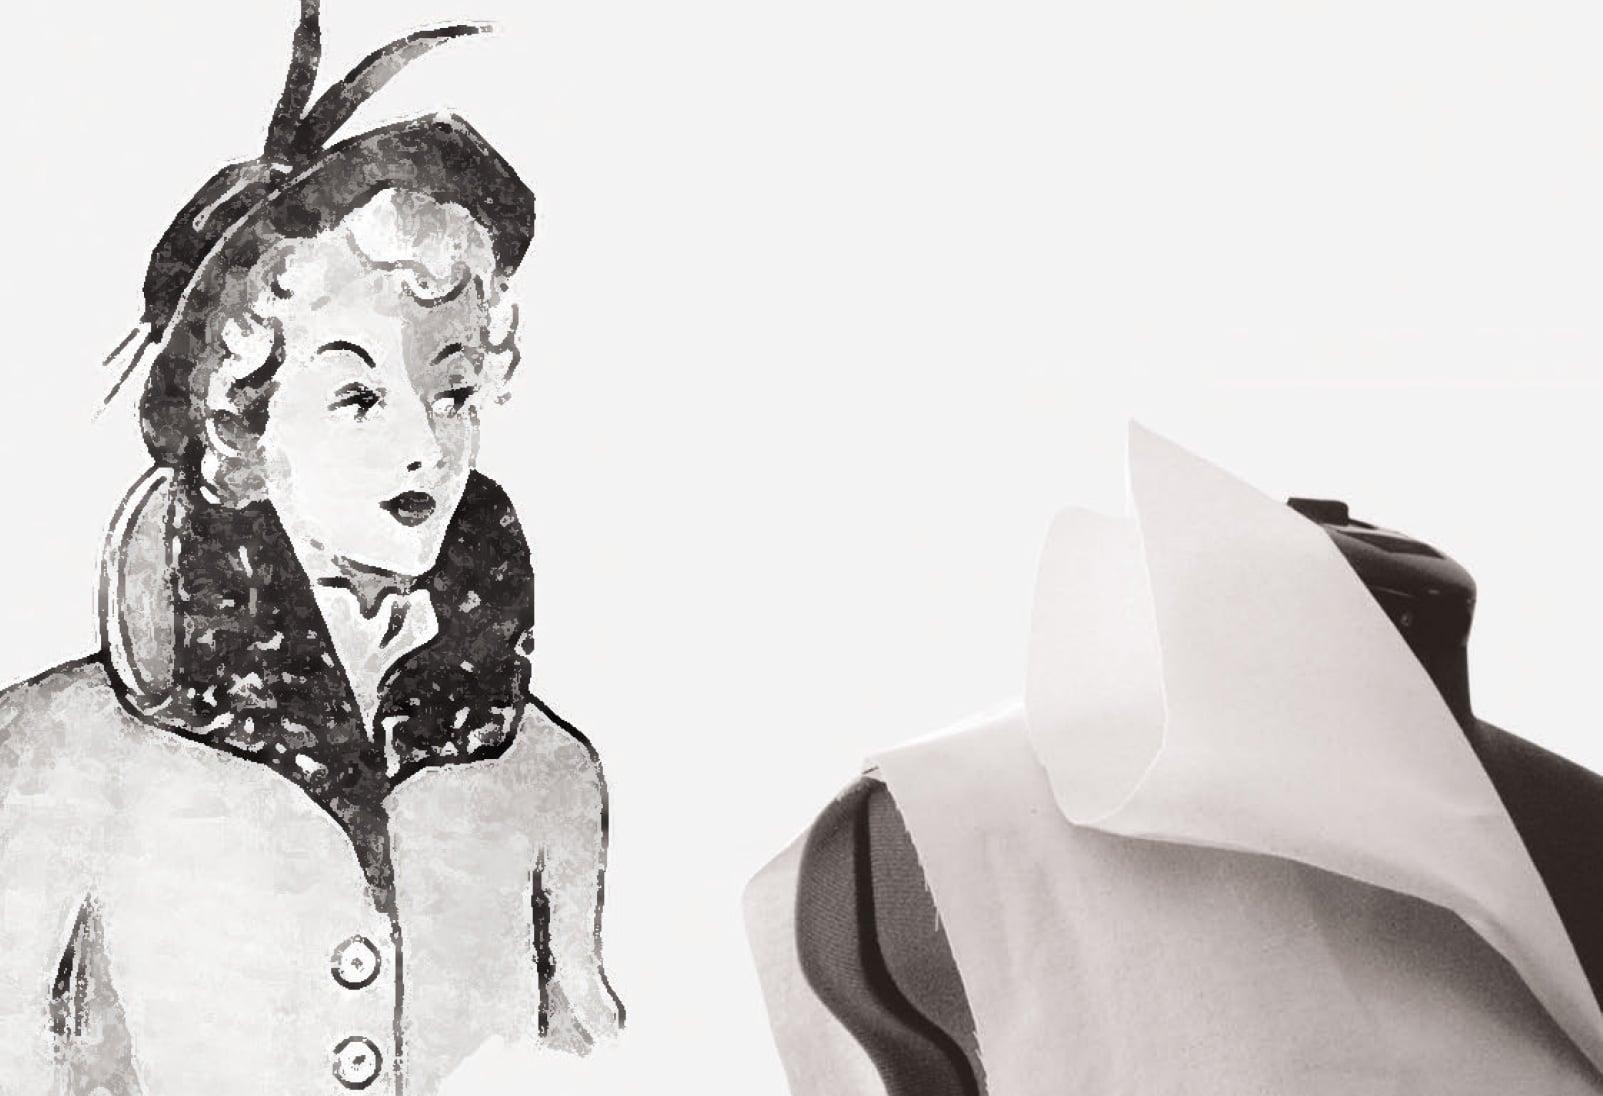 Eine Zeichnung und eine Nesselrpobe eine doppelten Stehkragens.